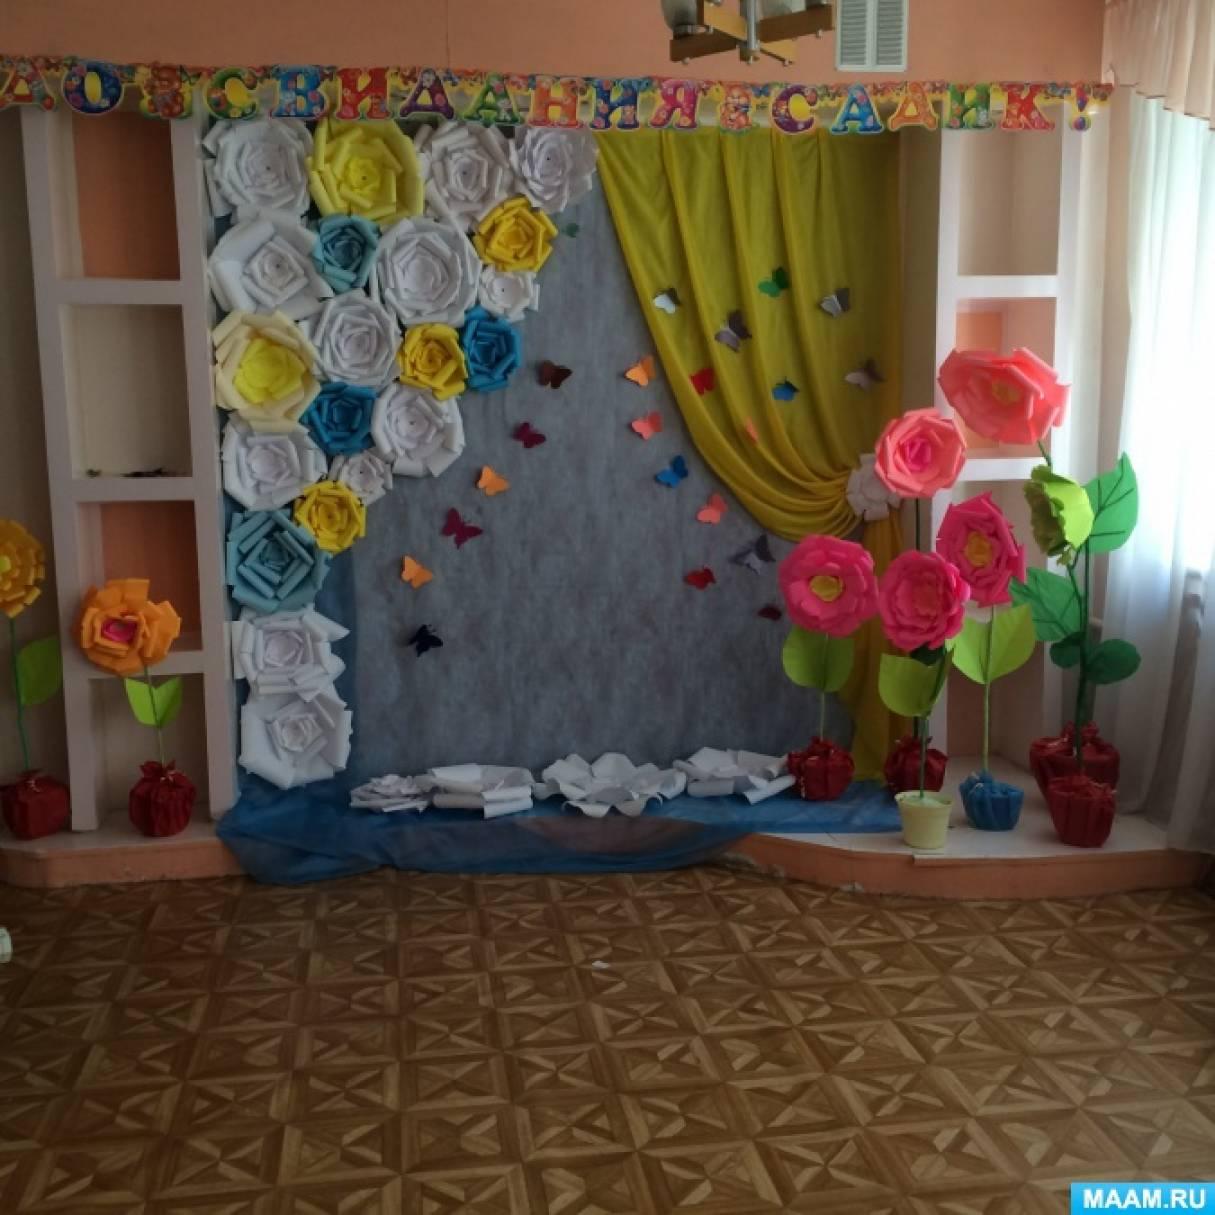 Оформление зала в детском саду своими руками  861